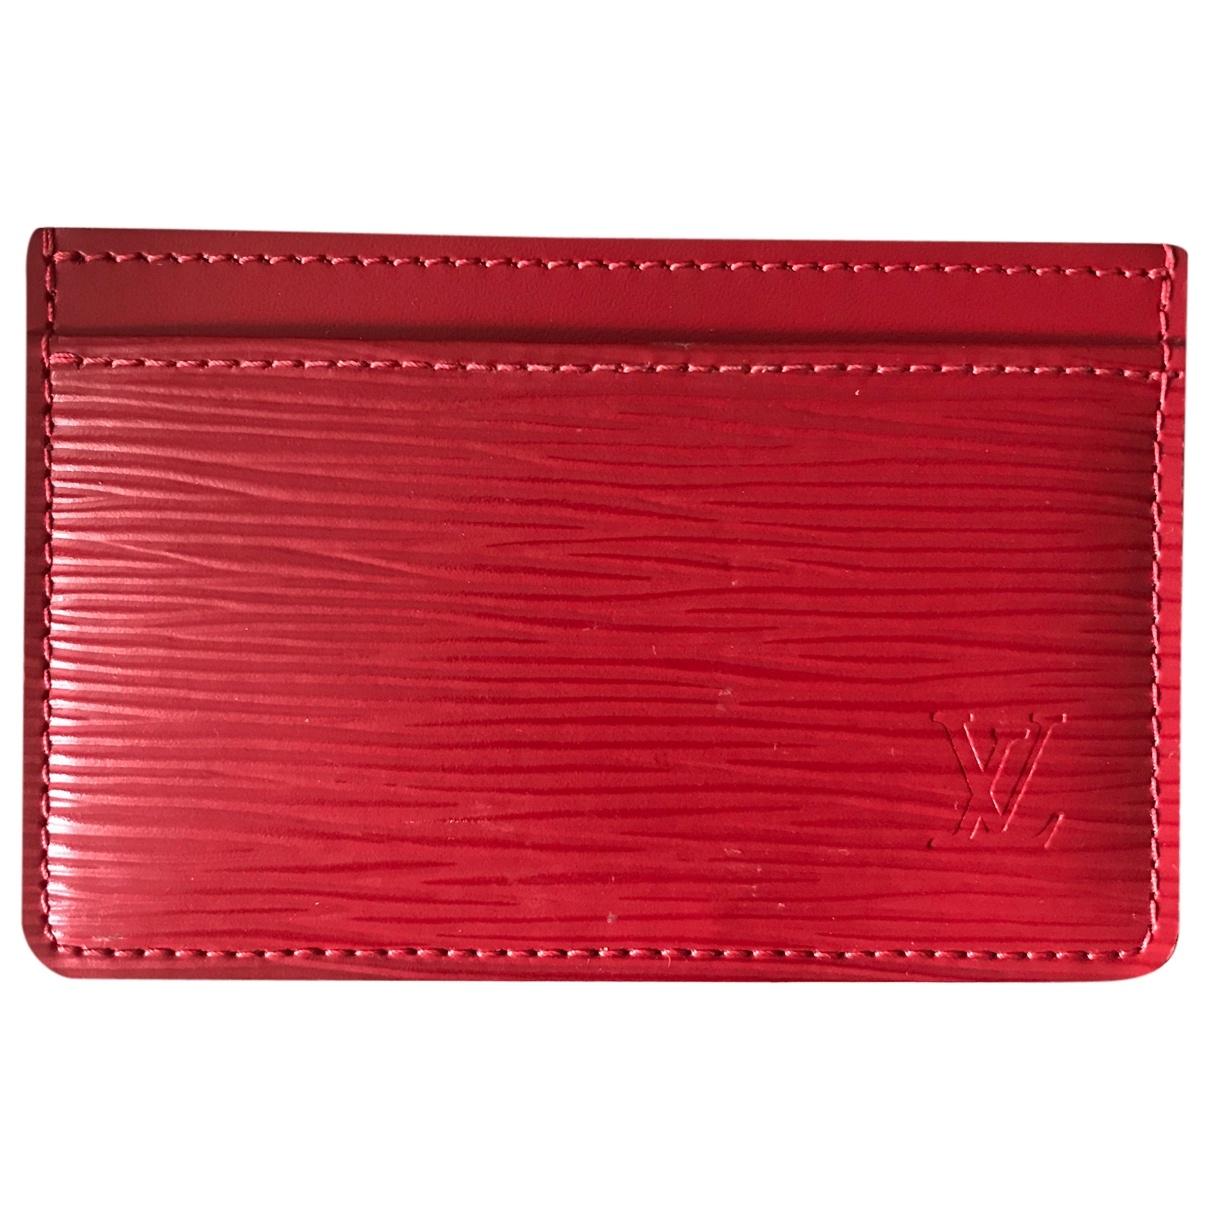 Louis Vuitton - Petite maroquinerie   pour homme en cuir - rouge